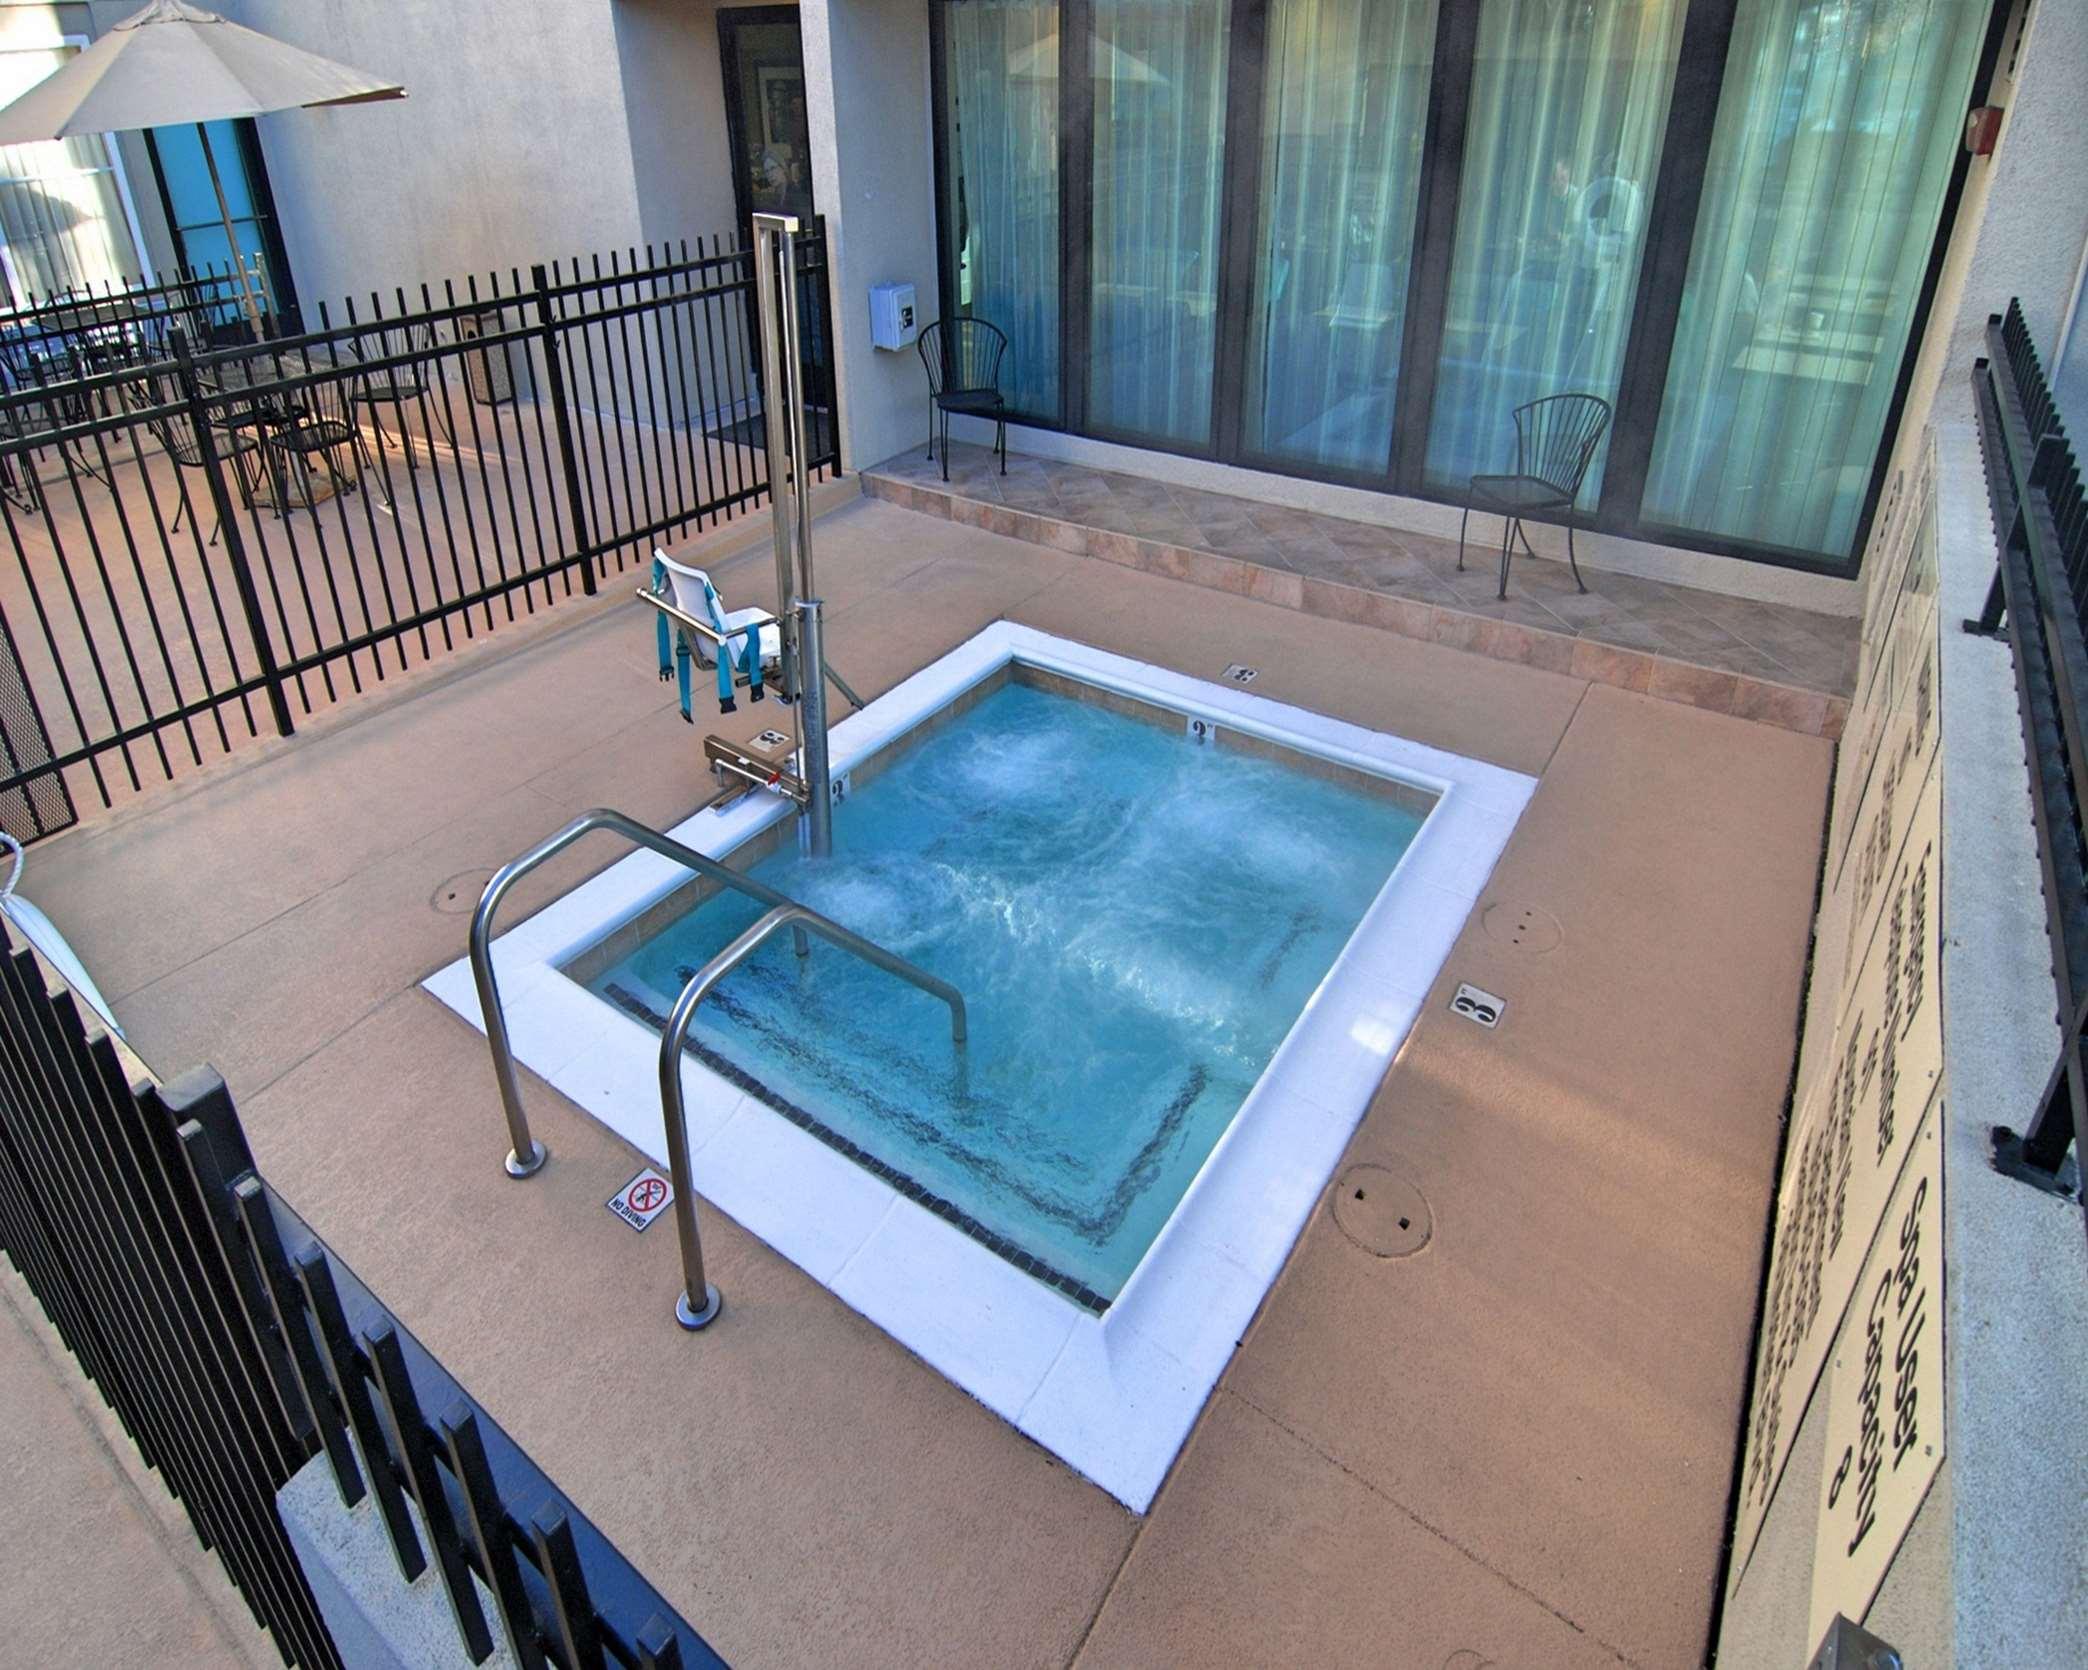 Hampton Inn & Suites Mountain View image 3